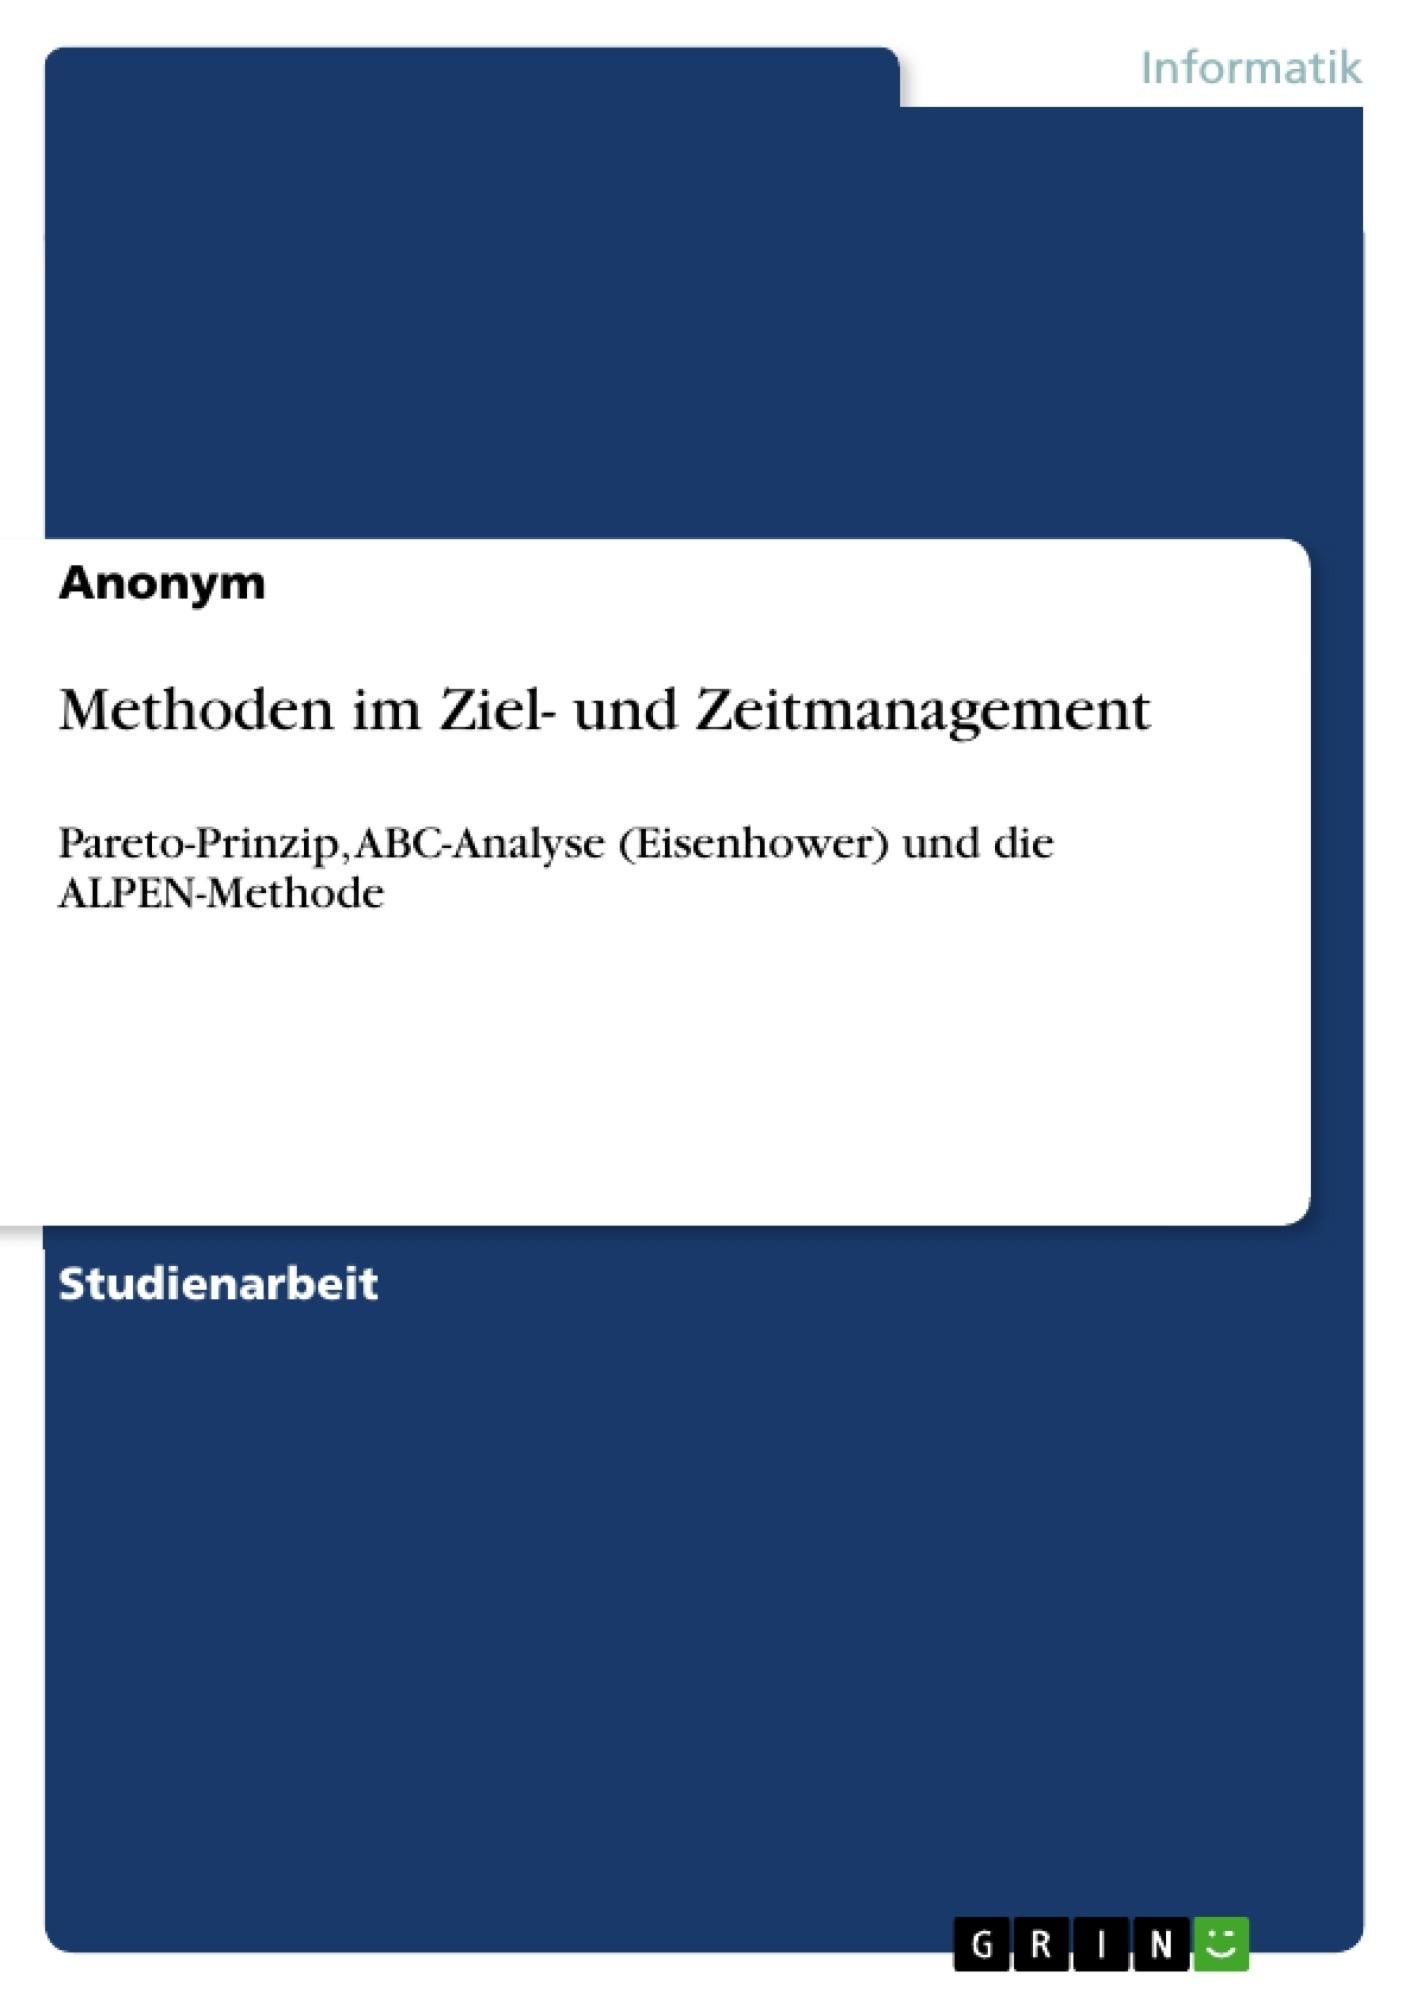 Titel: Methoden im Ziel- und Zeitmanagement